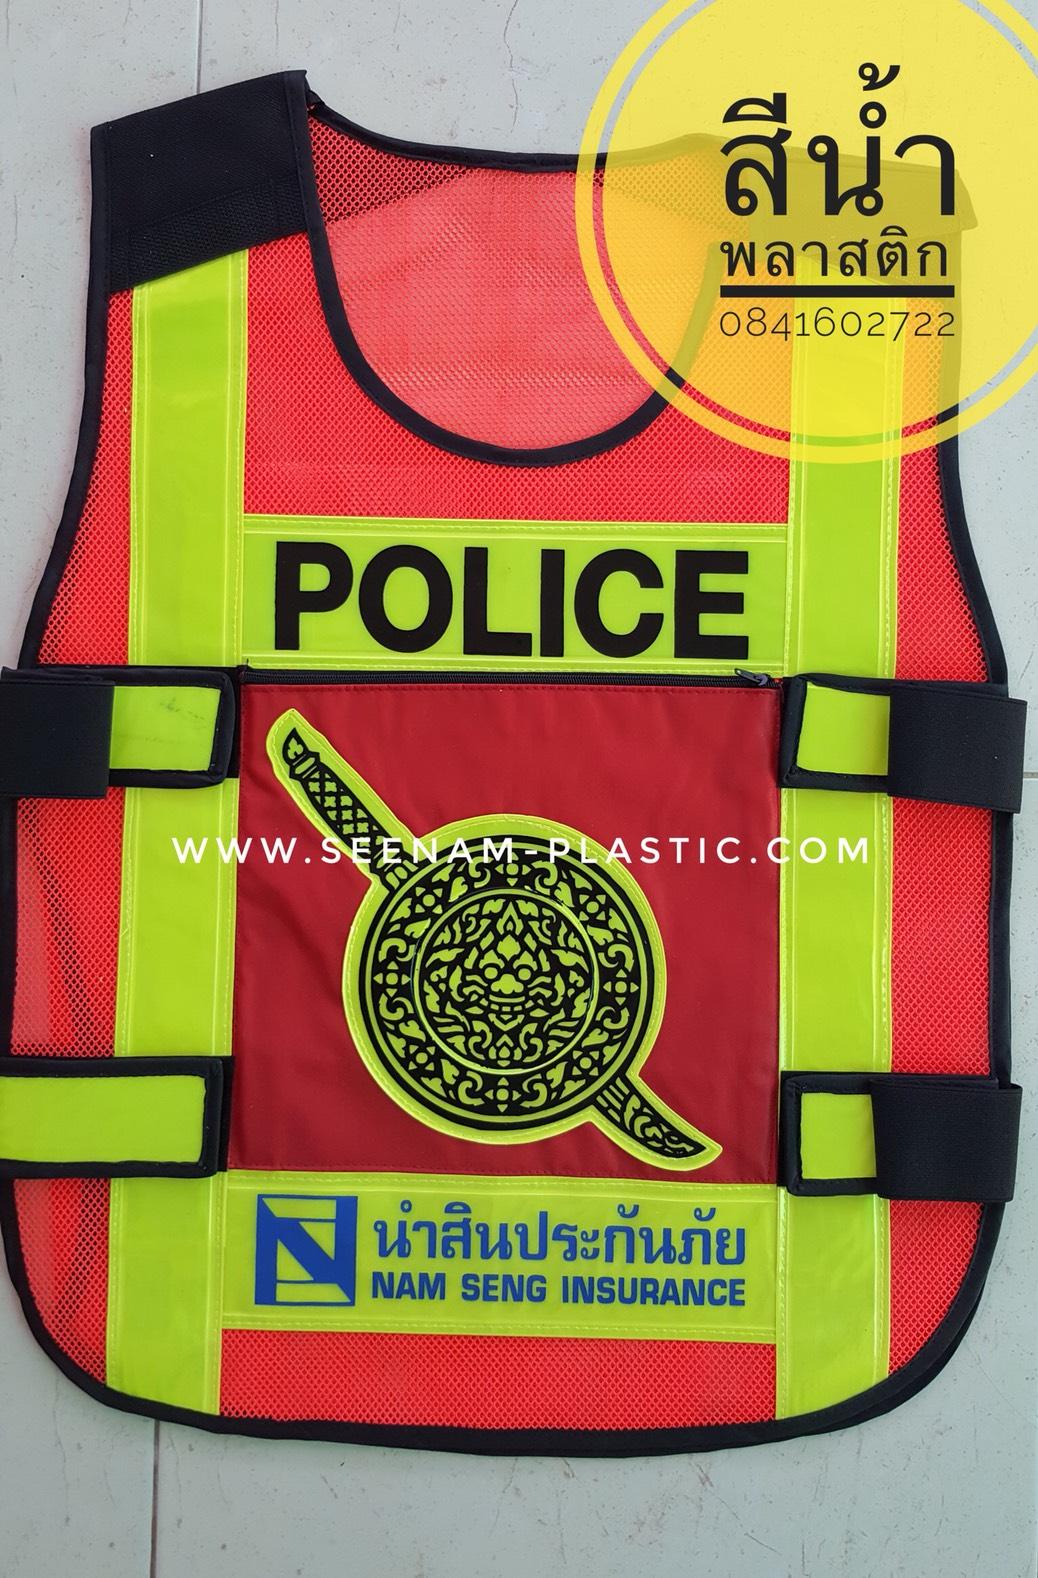 เสื้อสะท้อนแสง เสื้อจราจร เสื้อกั๊กสะท้อนแสง เสื้อเซฟตี้ เสื้อสะท้อนแสงอปพร เสื้อกทม เสื้อตำรวจ เสื้อสะท้อนแสงตำรวจ เสื้อกั๊ก เสื้อจราจรสะท้อนแสง ผลิตเสื้อสะท้อนแสง เสื้อกั๊กรปภ ขายเสื้อสะท้อนแสง โรงงานเสื้อสะท้อนแสง ขายส่งเสื้อสะท้อนแสง เสื้อสะท้อนแสงรปภ